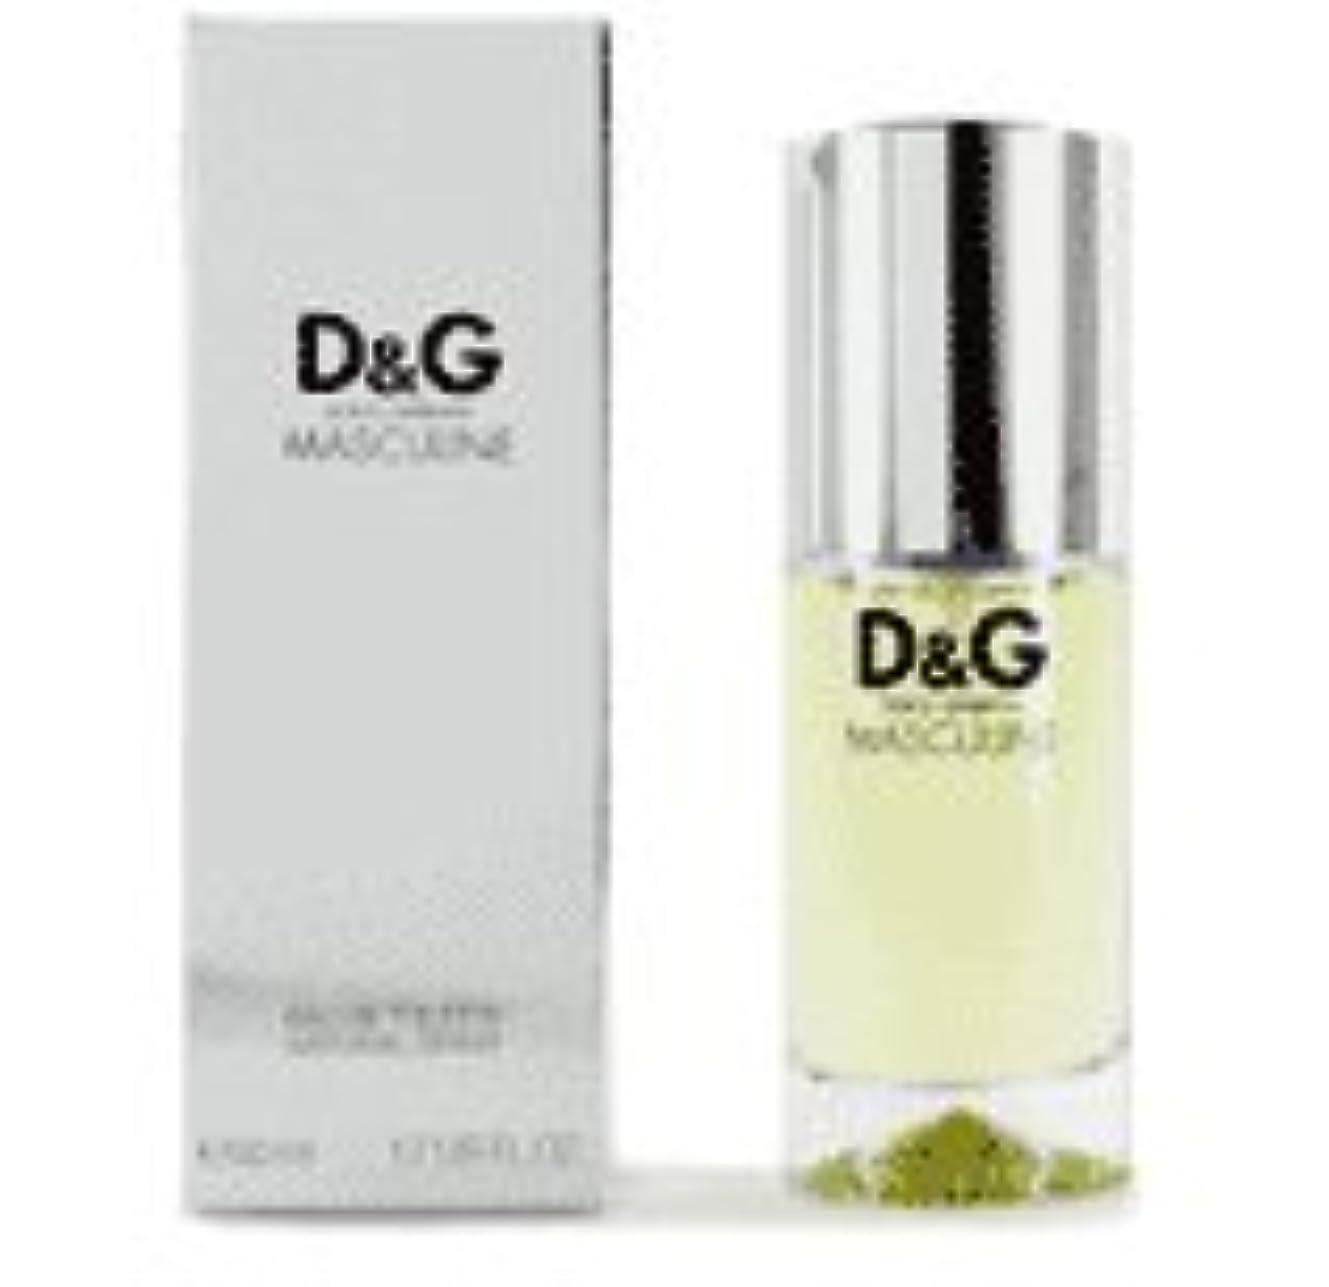 望まない気怠いスペクトラムD & G Masculine (D&G マスキュライン) 1.7 oz (50ml) EDT Spray for Men